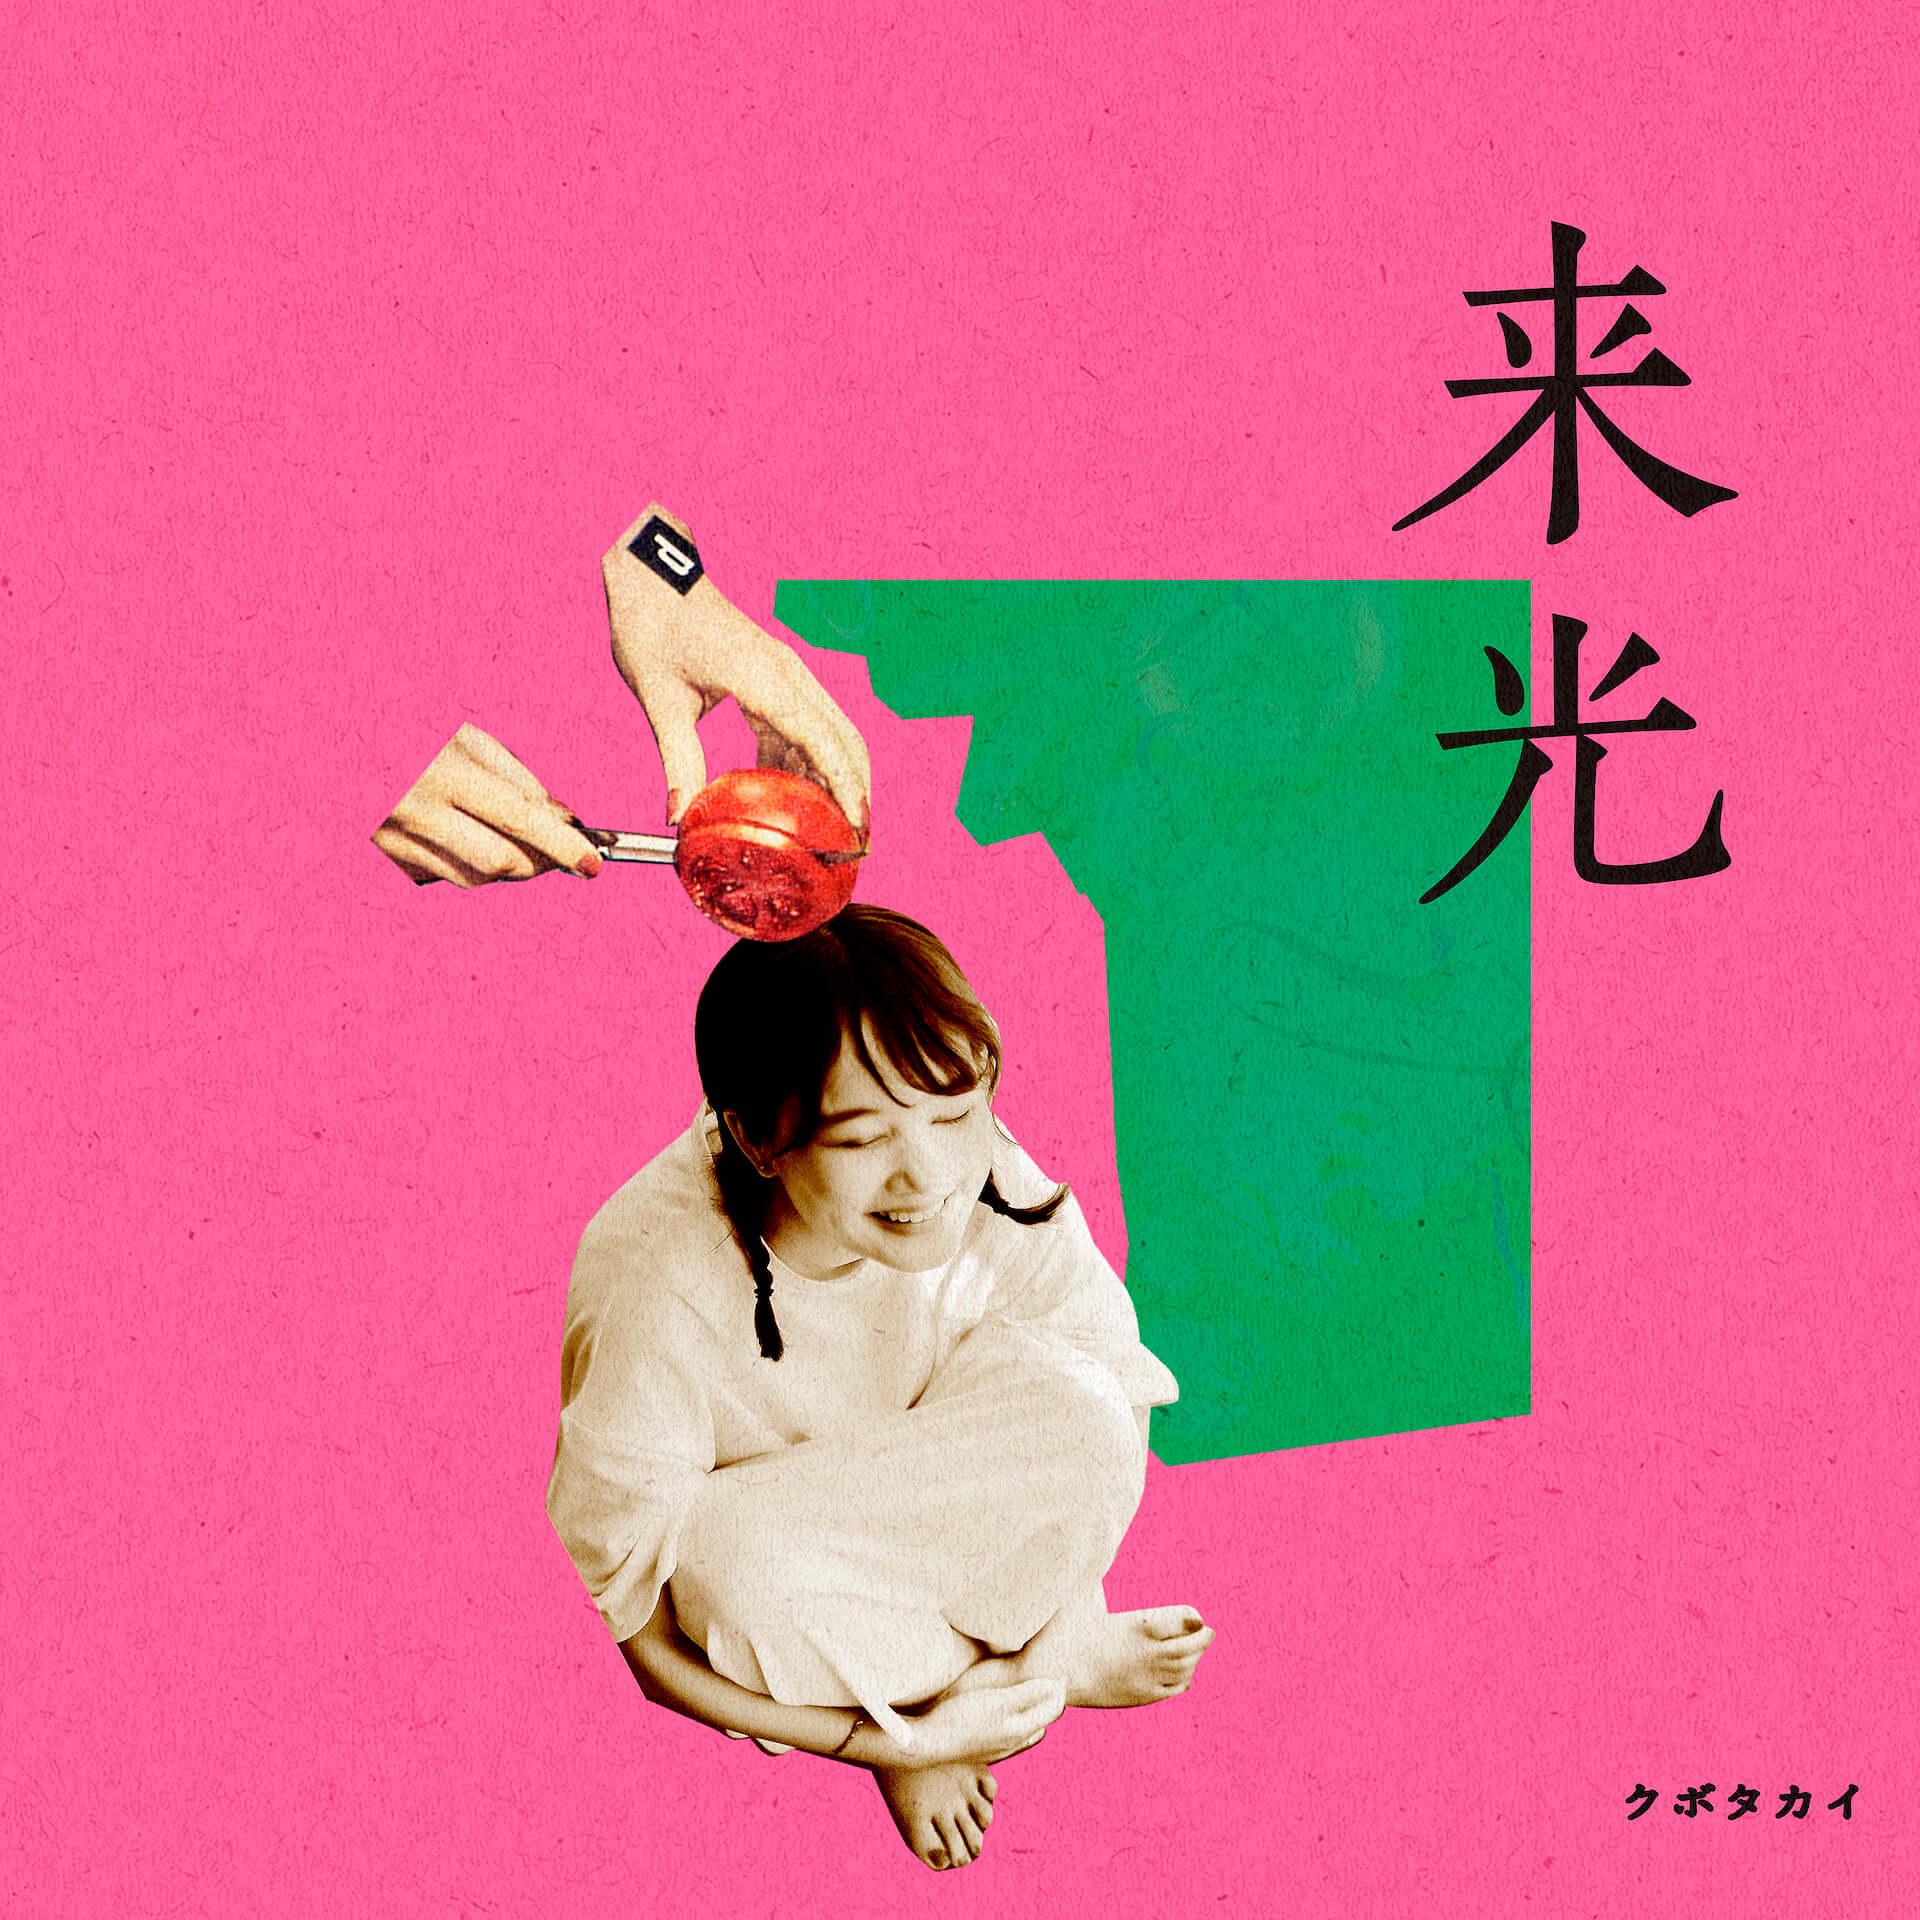 """クボタカイの1stフルアルバム『来光』がリリース決定&コメントも到着!新曲""""僕が死んでしまっても""""など全13曲を収録 music210302_kubotakai_1-1920x1920"""